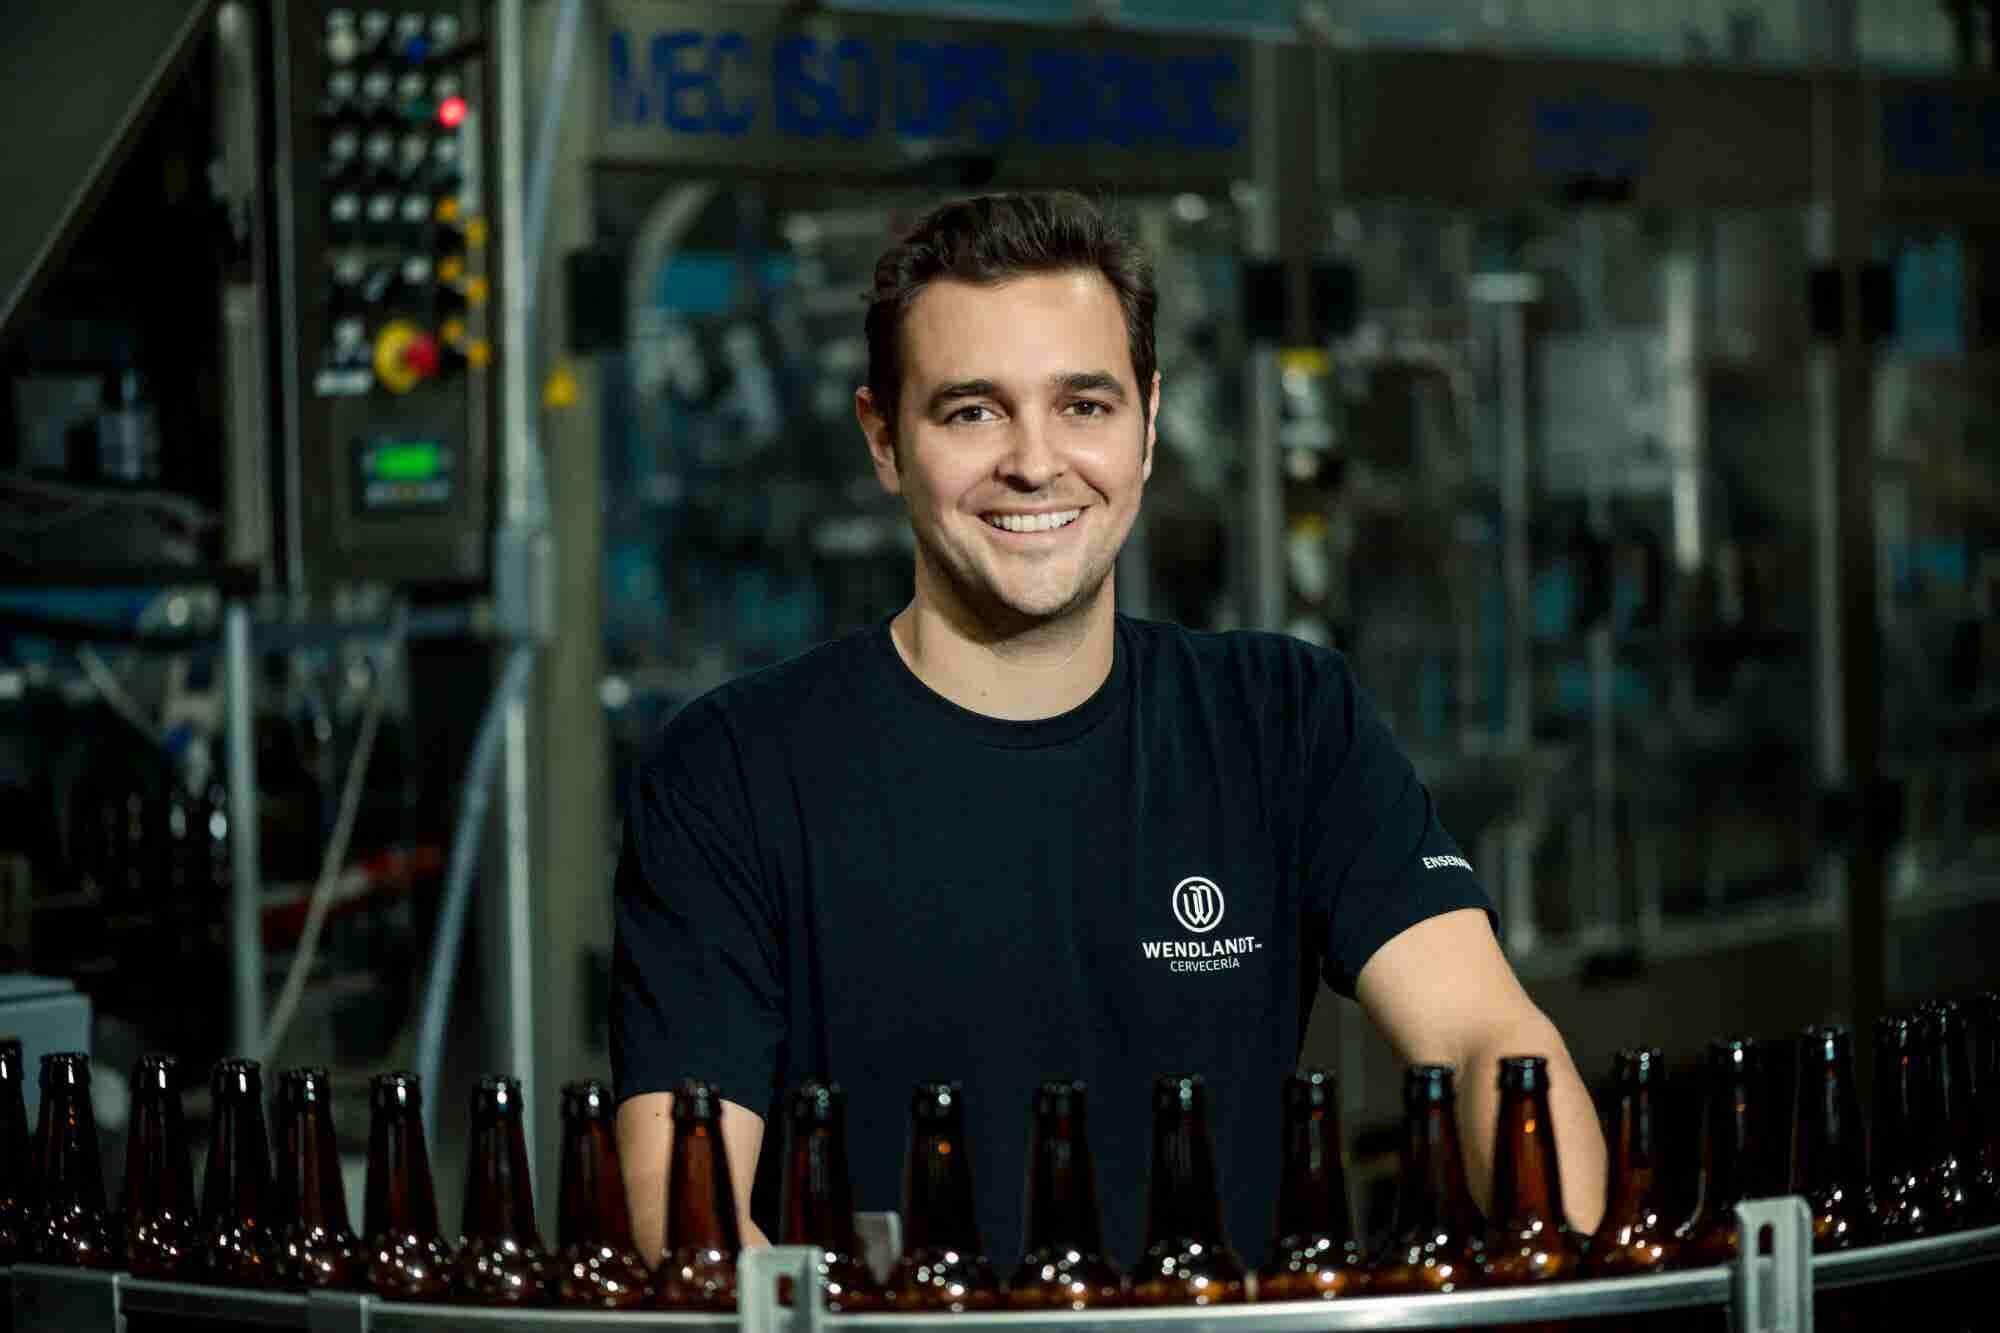 El mexicano que convirti贸 su gusto por la cerveza en un negocio que traspas贸 las fronteras de nuestro pa铆s